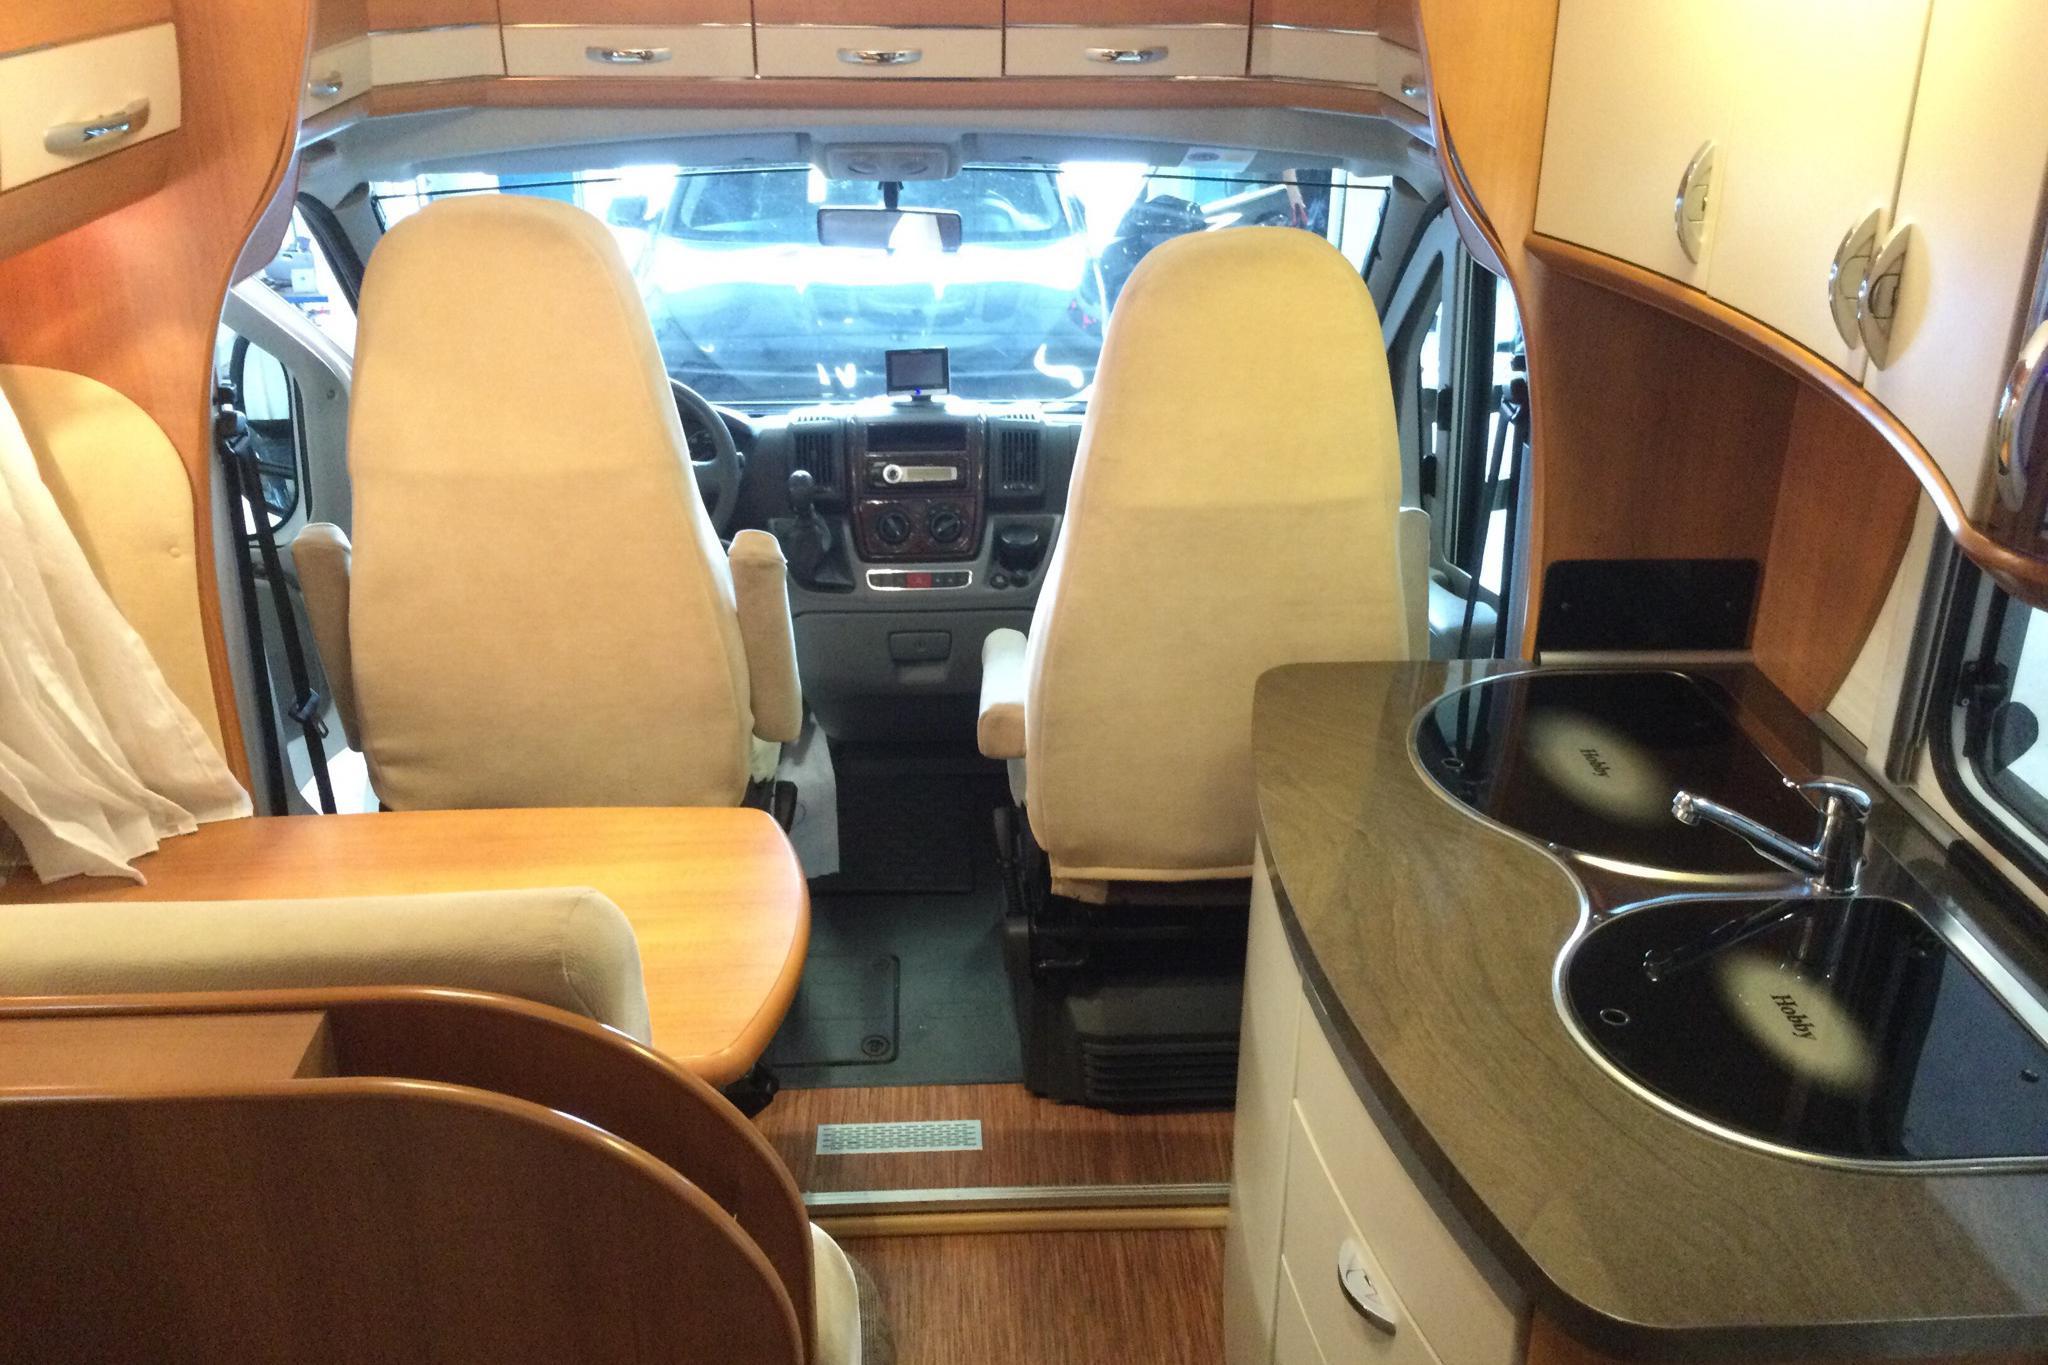 FIAT HOBBY D 650 ES Husbil - 58 010 km - Manual - 2010